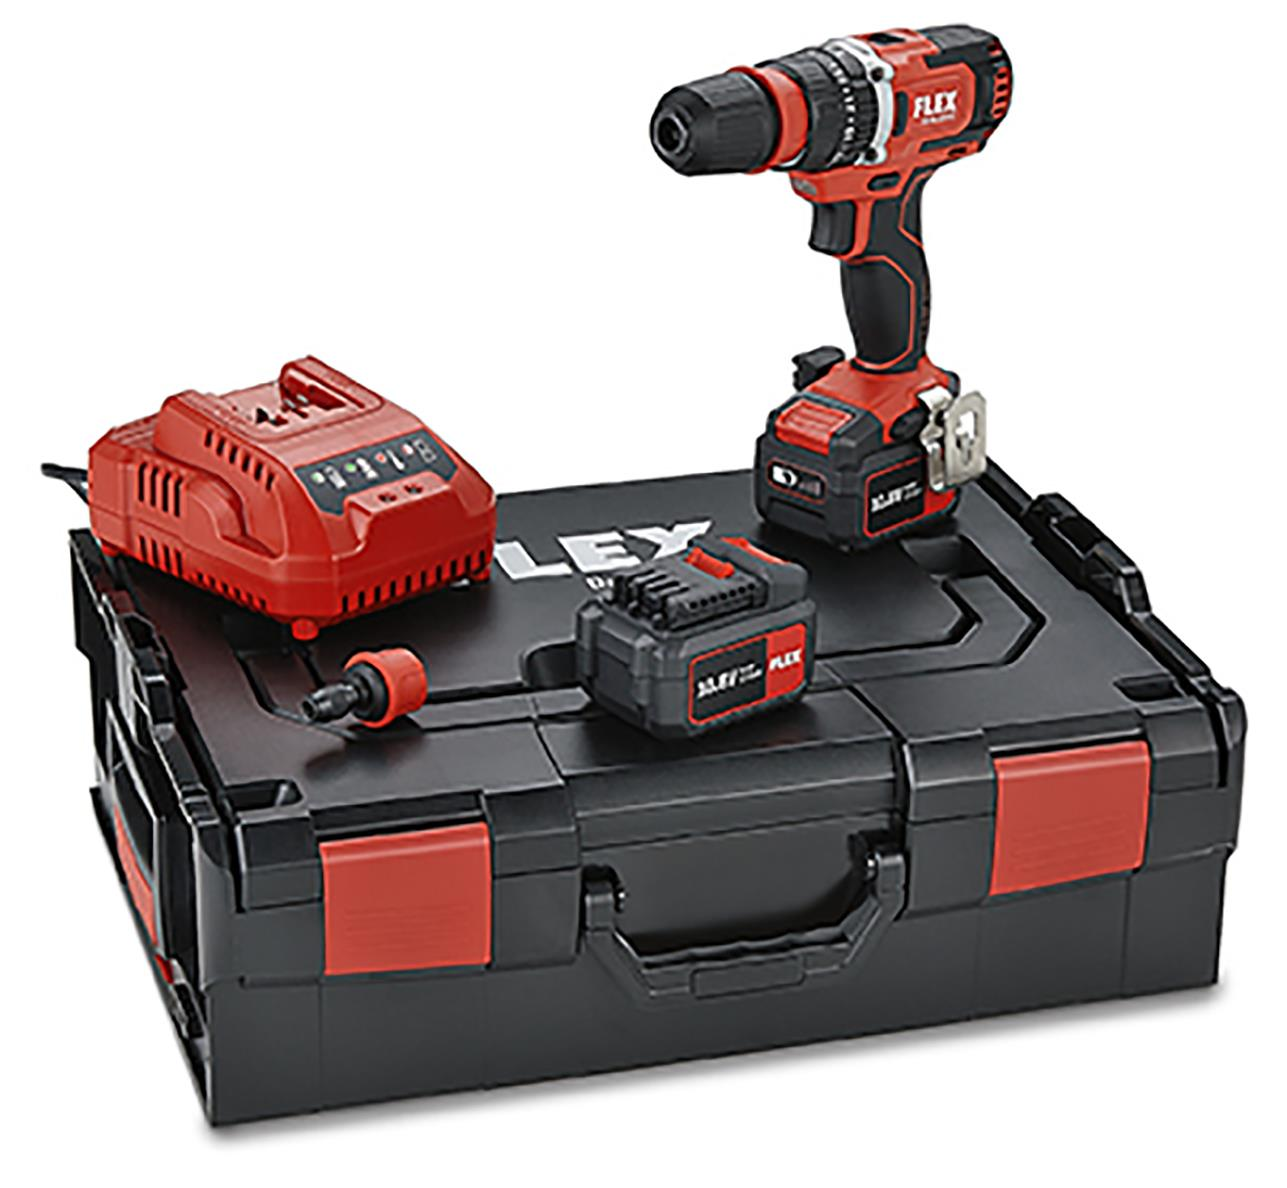 Flex PD2G 10.8-EC Set Slagborrmaskin med batterier och laddare